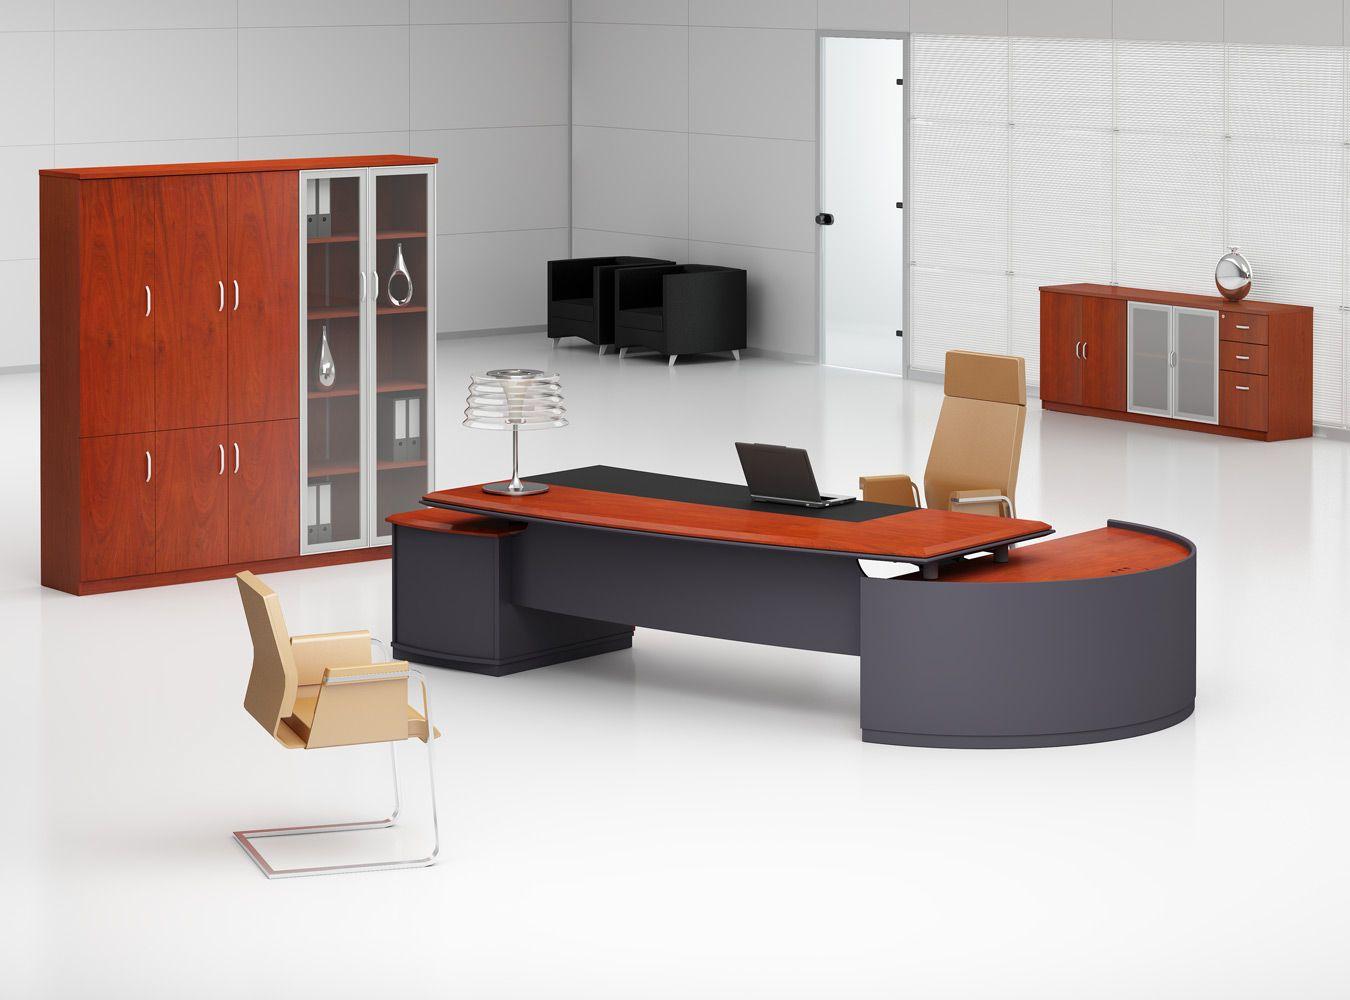 BüromöbelBergamo SchreibtischBüroBergamo BüromöbelSerieOnline Serie Bergamo präsentiert sich ...